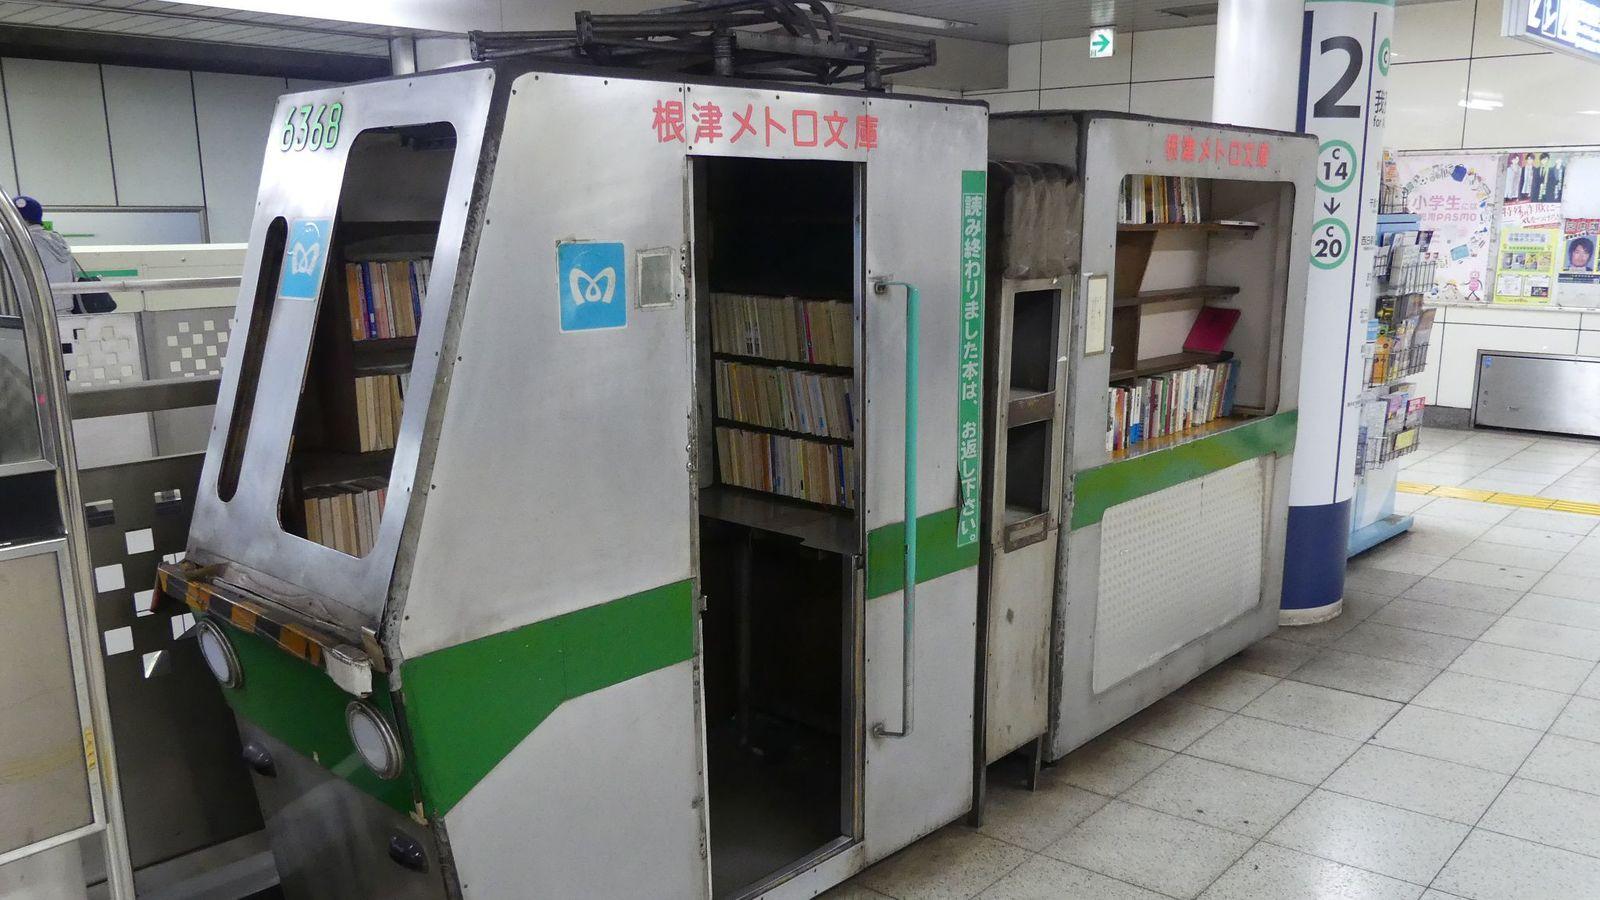 30年間愛された「根津メトロ文庫」が消える背景 最盛期には27駅にまで広がったが…